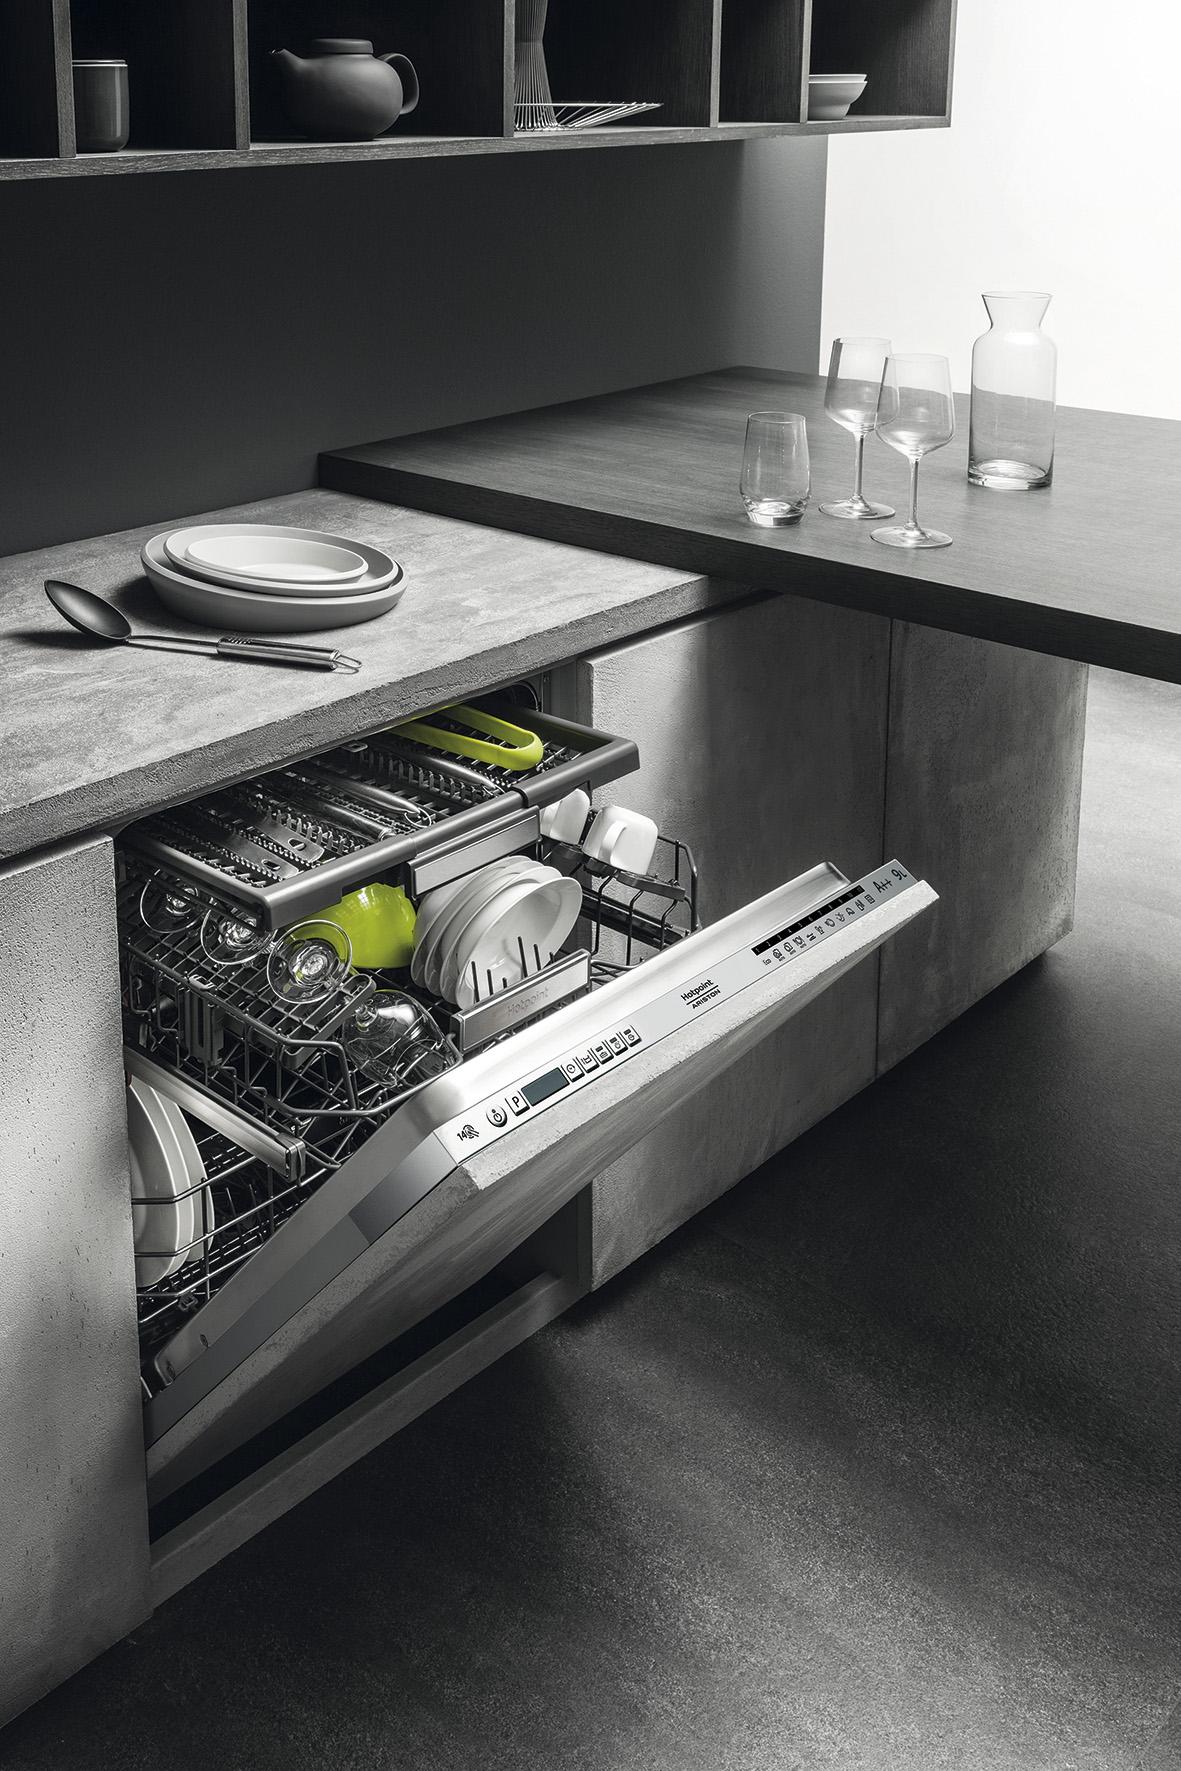 Hotpoint: la rivoluzione della lavastoviglie - Tgcom24